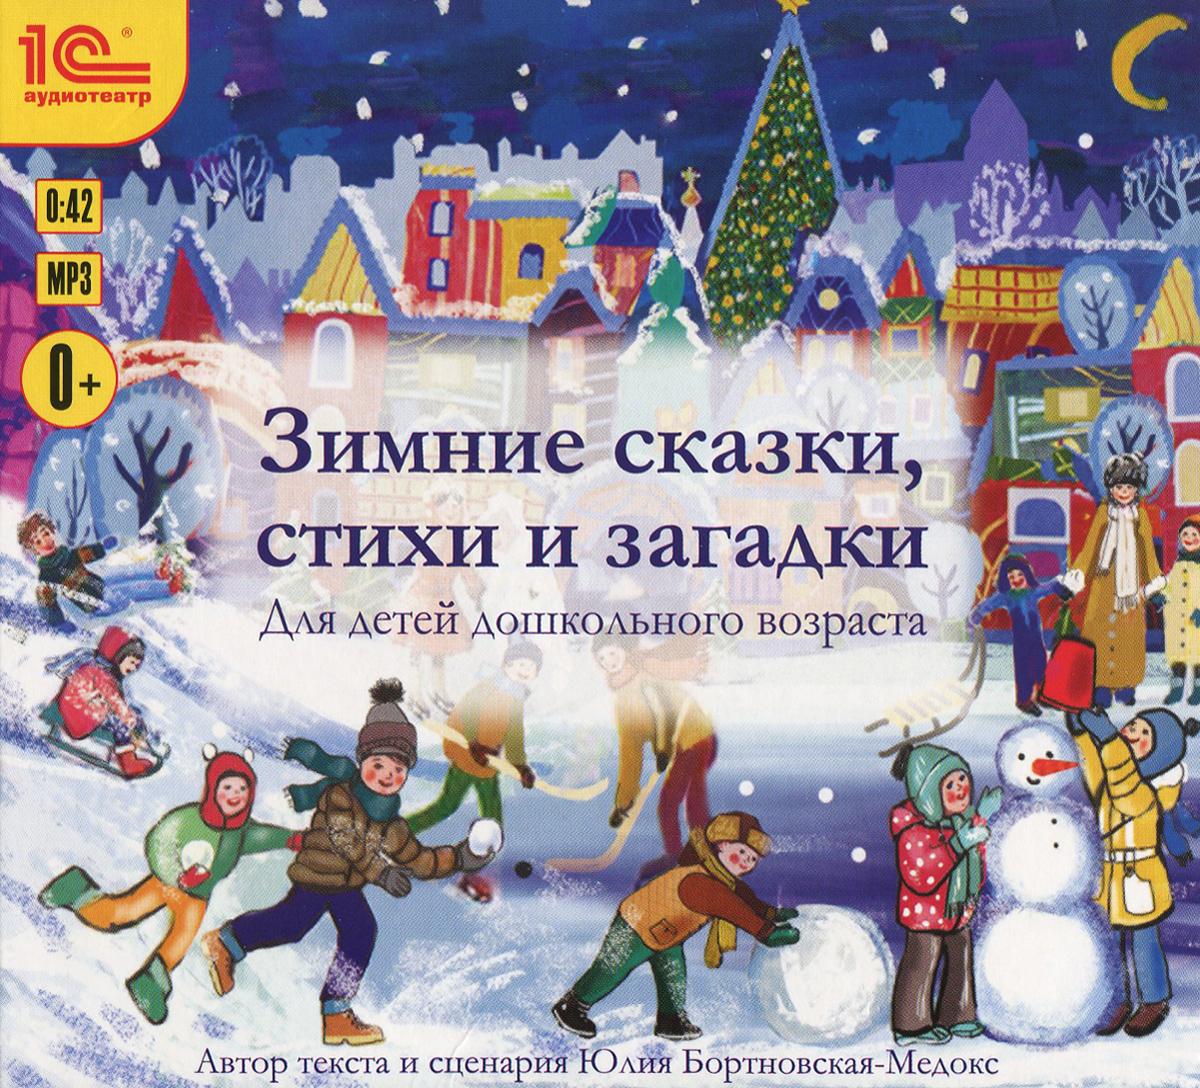 Zakazat.ru: Зимние сказки, стихи и загадки (аудиокнига MP3). Юлия Бертновская-Медокс